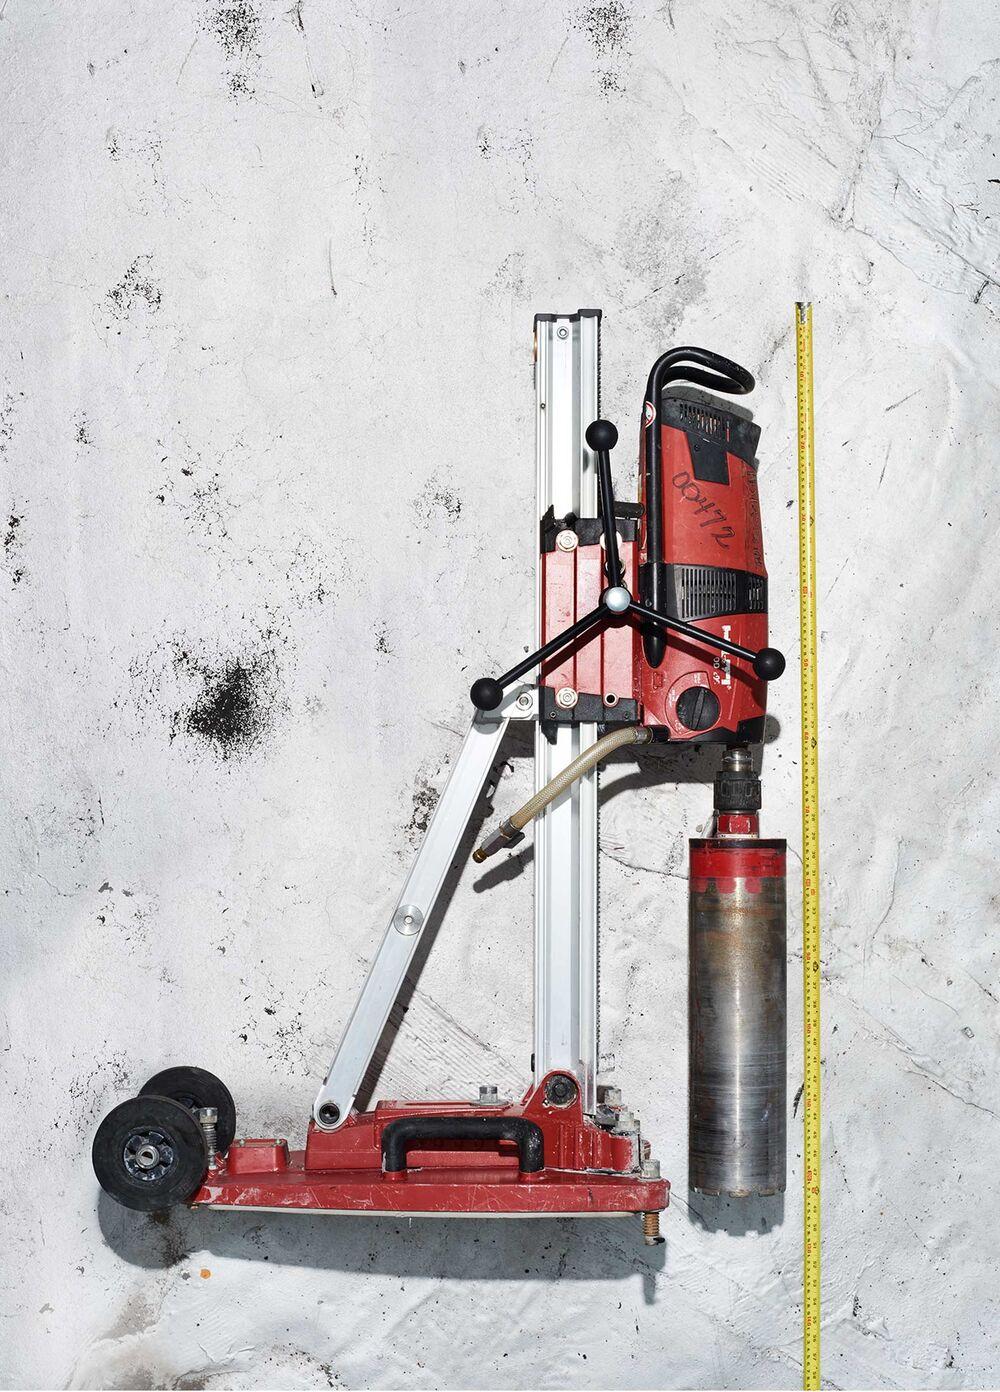 Seven Tools for Discerning Burglars - Bloomberg